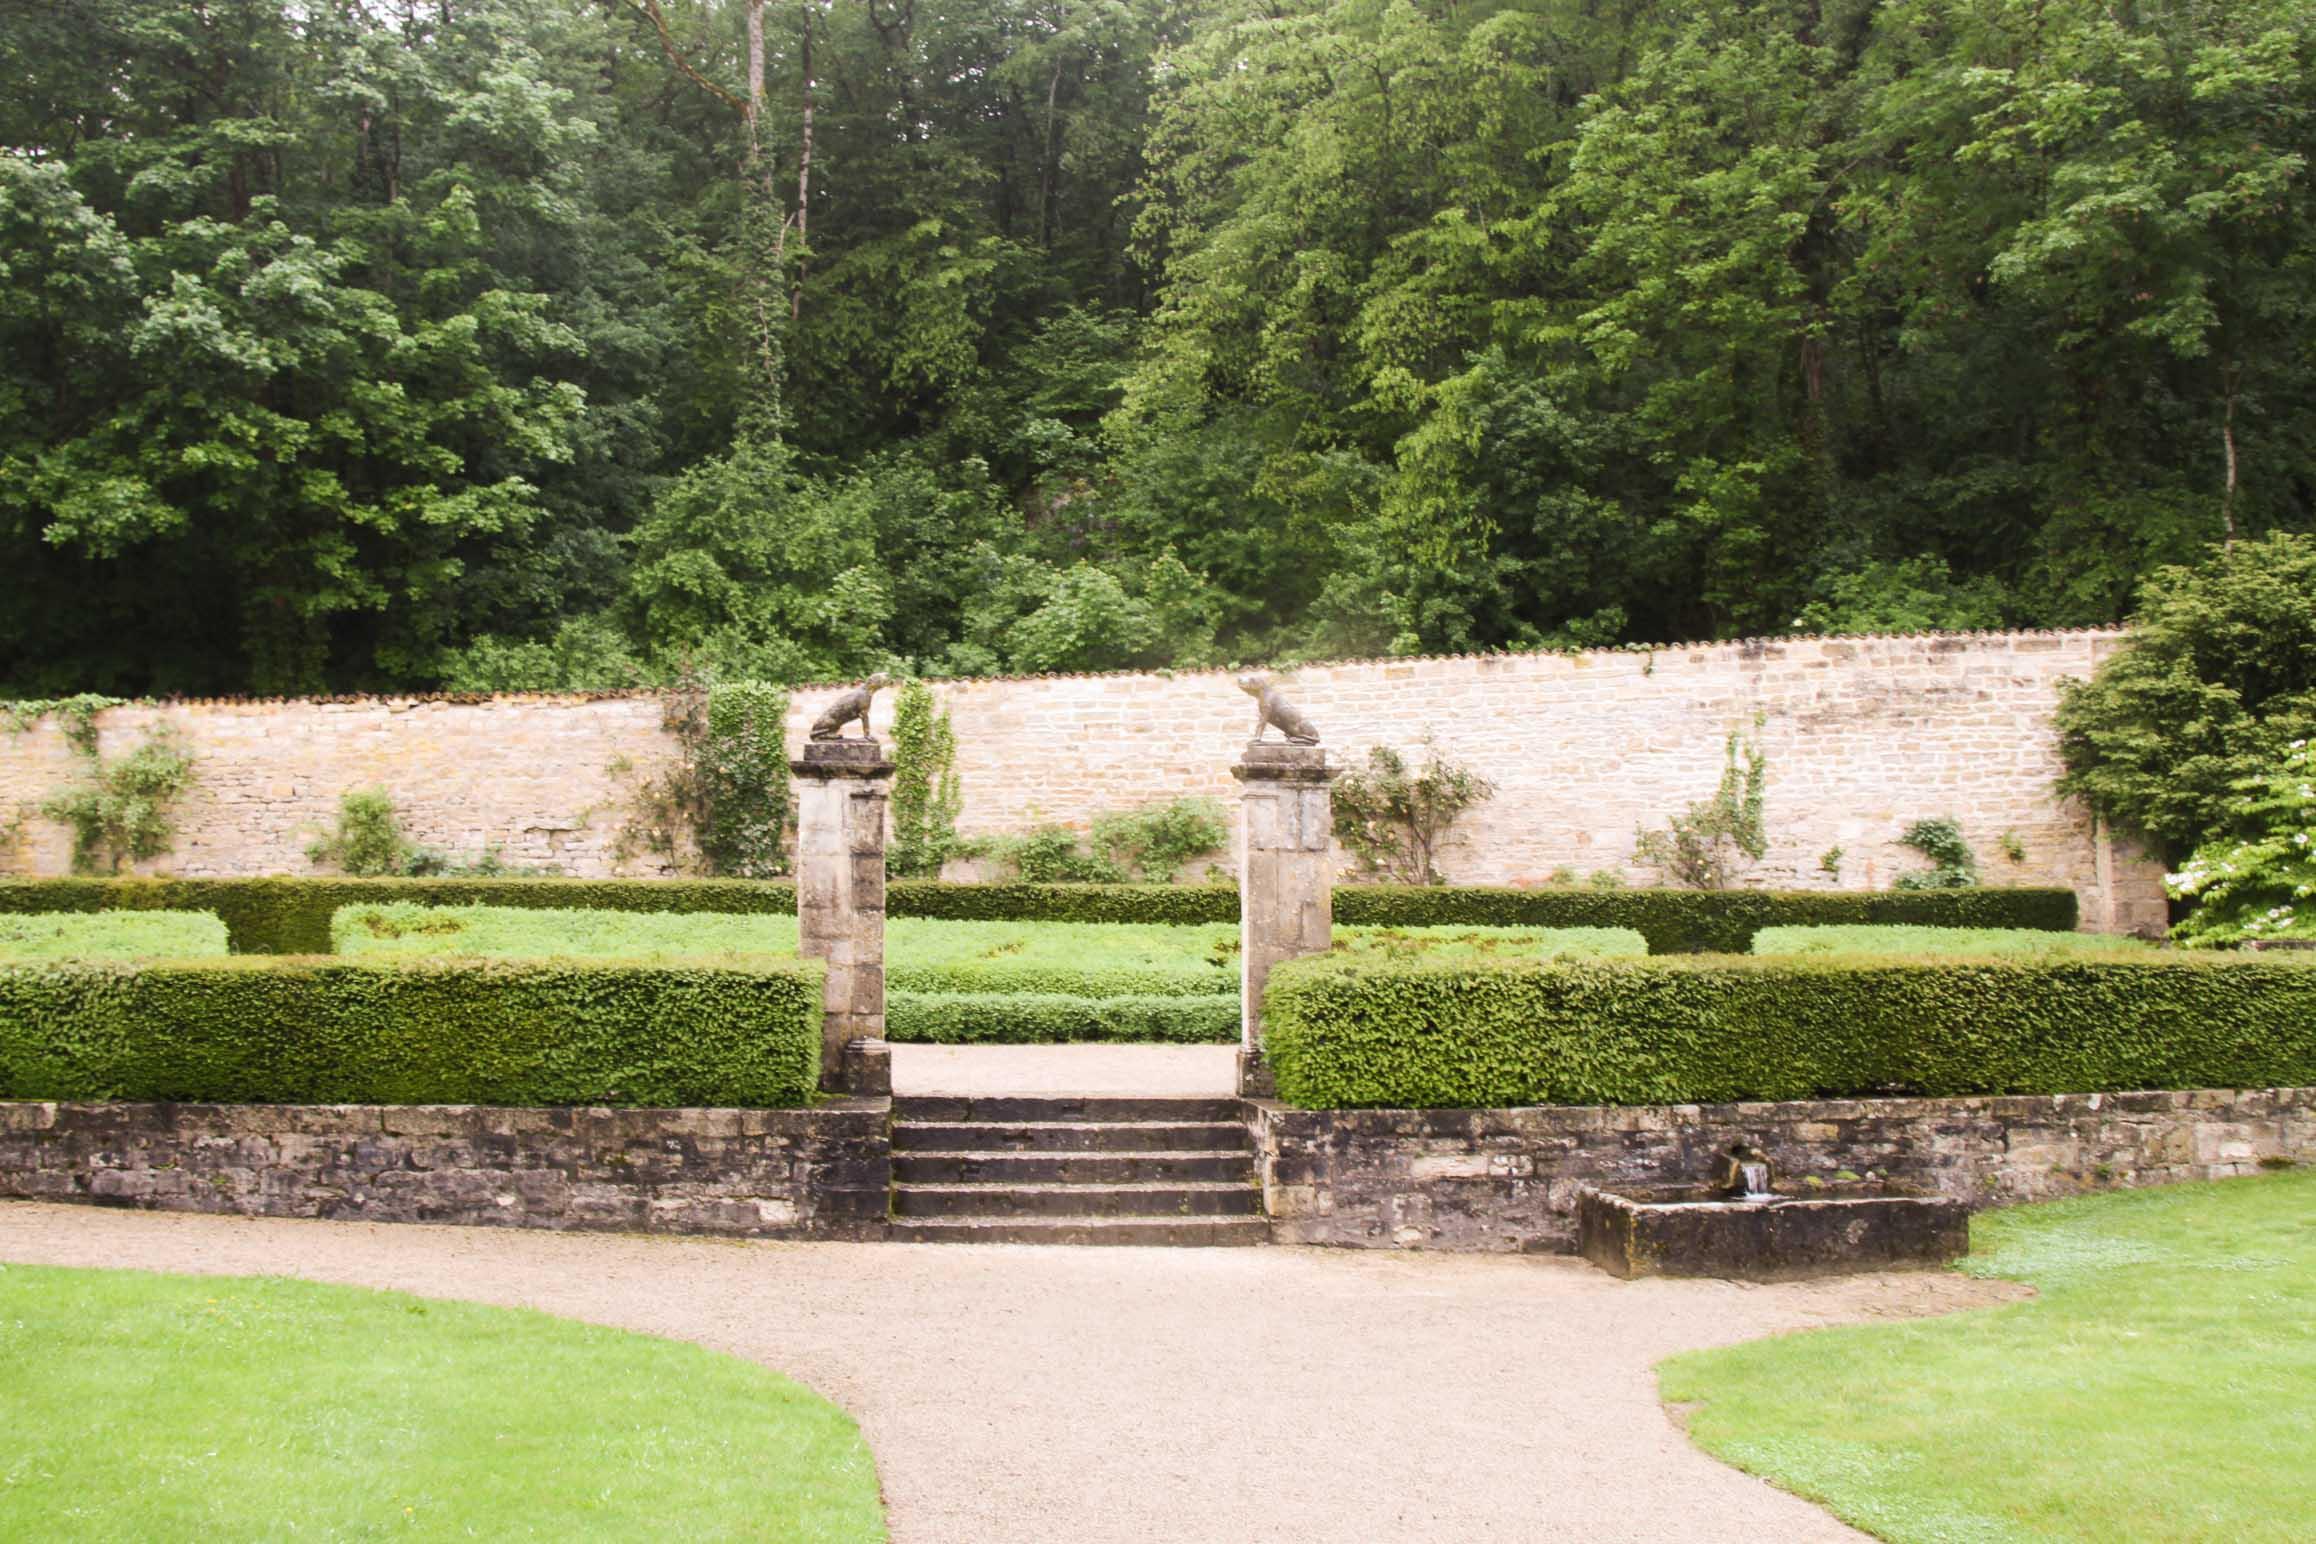 Eglises et abbayes Bourguignonnes : Jardins de l'abbaye de Fontenay